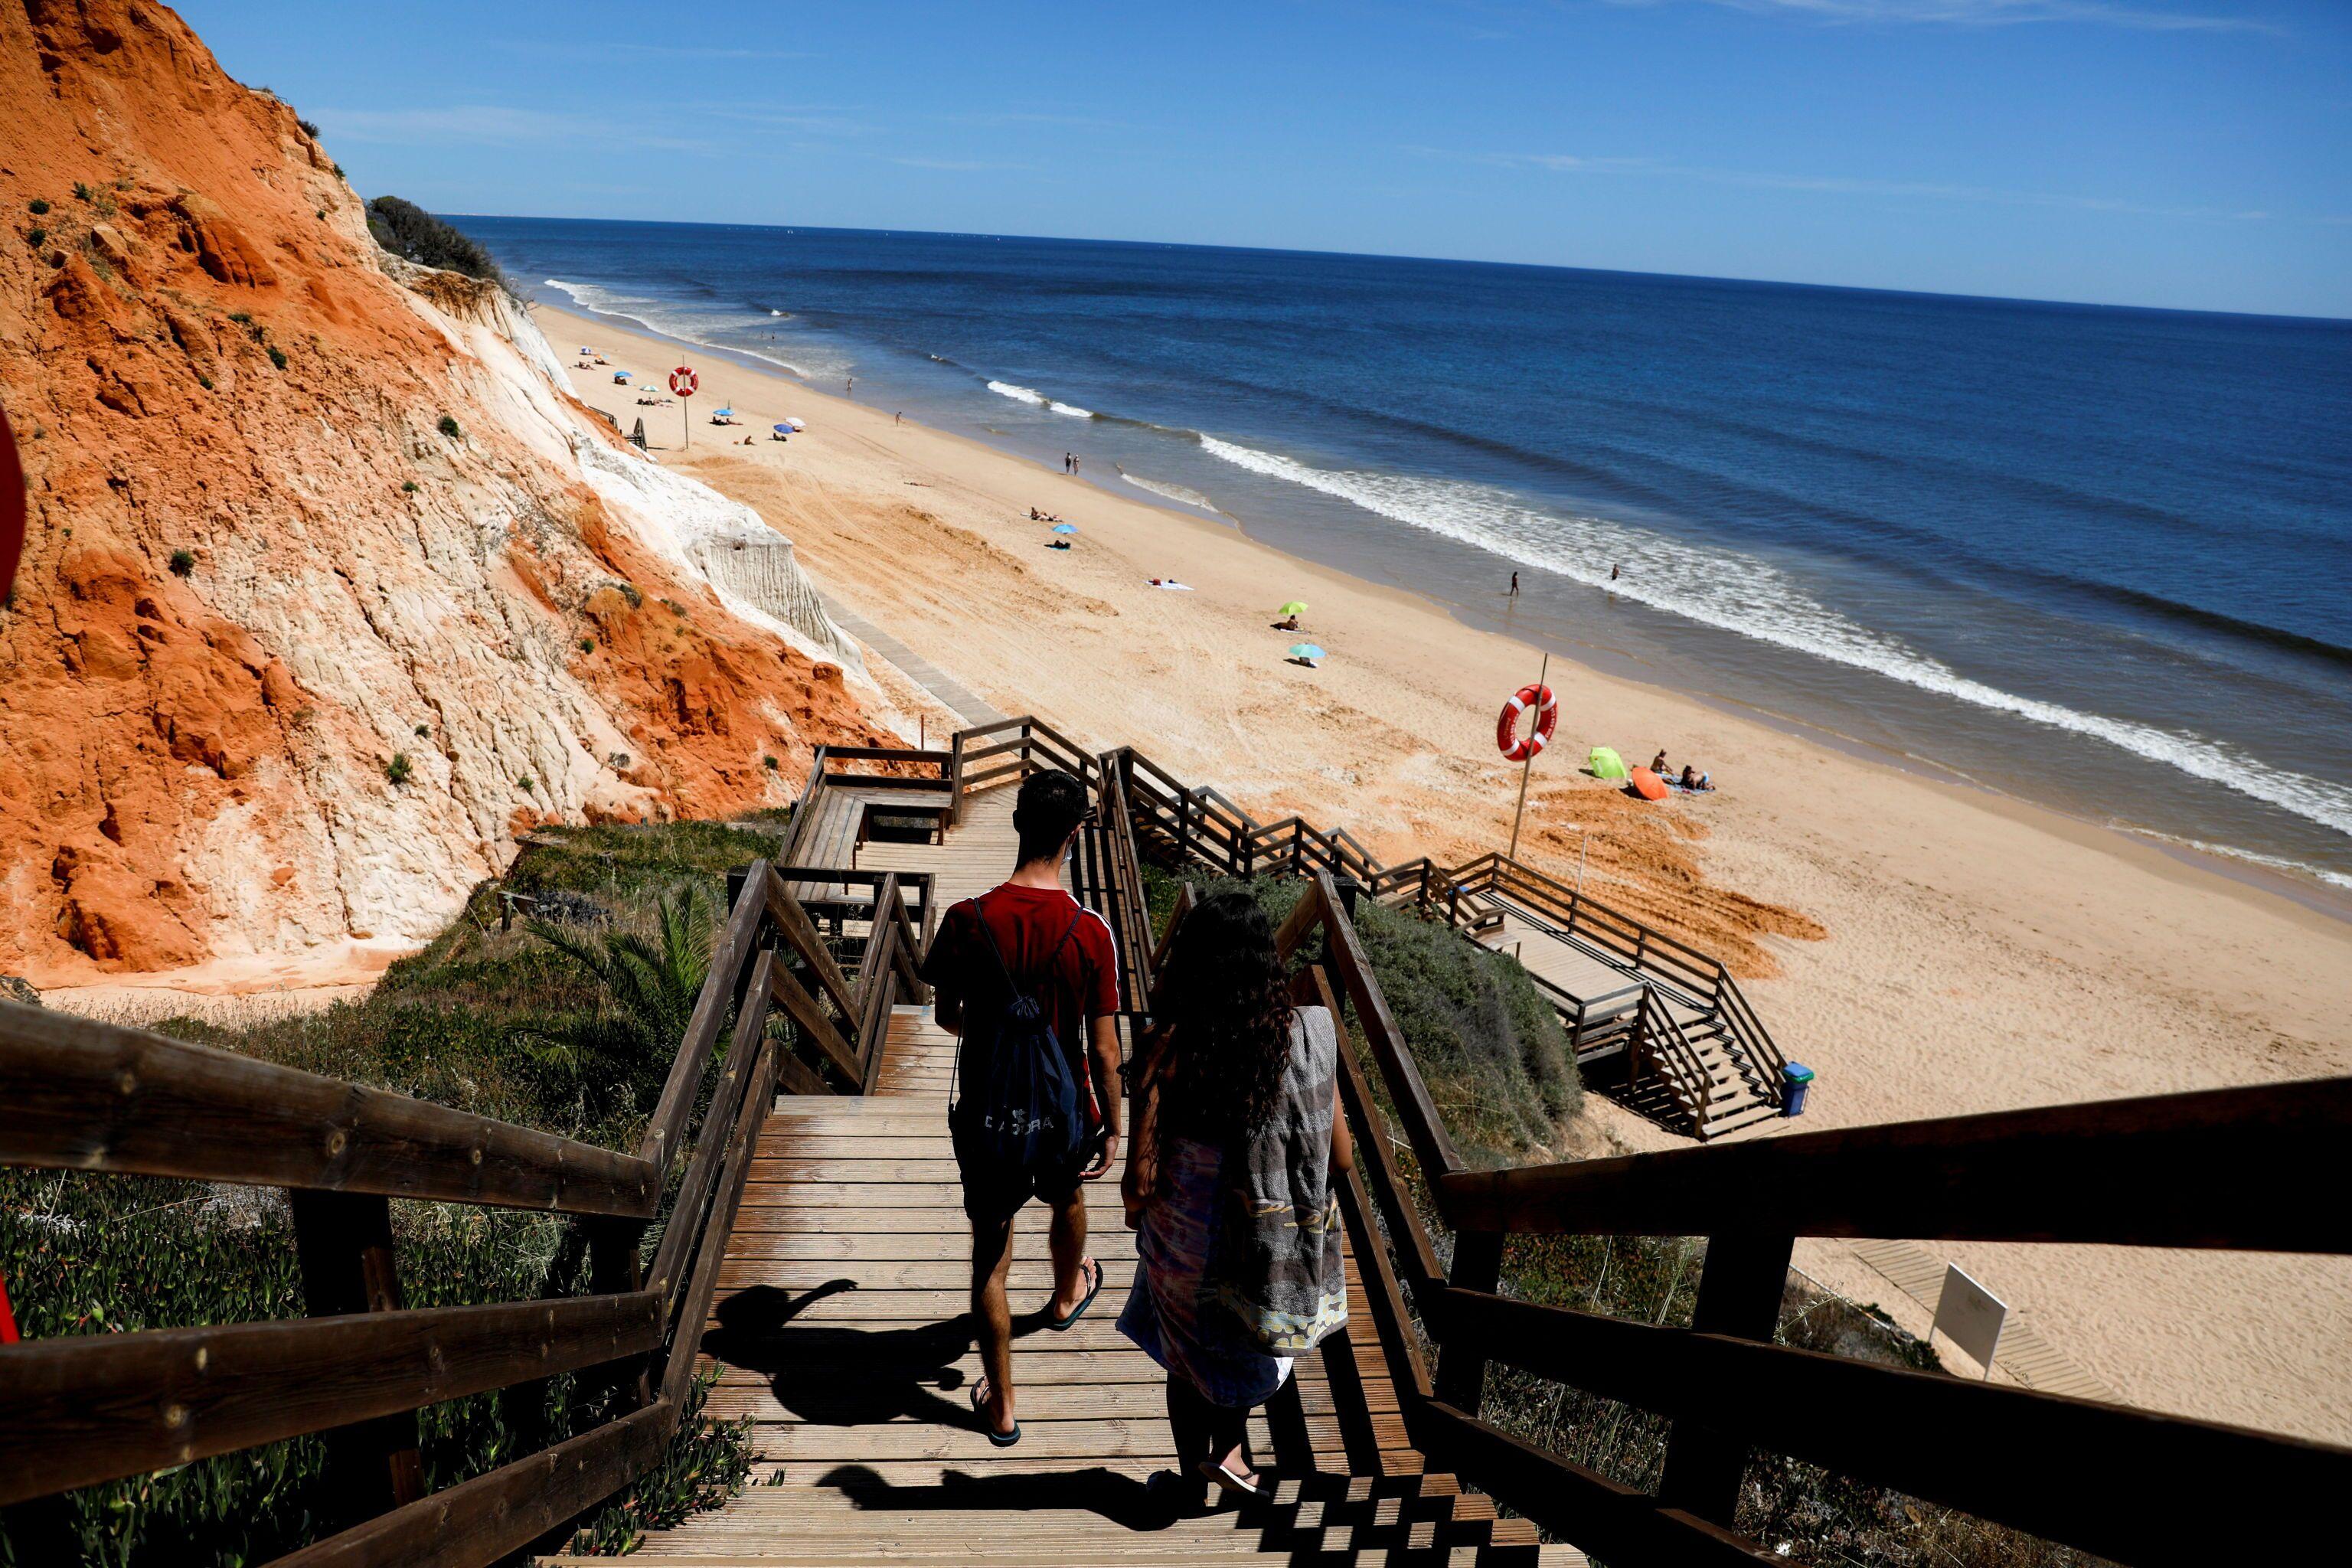 Pessoas descendo para praia da Falésia no primeiro dia de reabertura de fronteiras de Portugal para turistas do Reino Unido, Albufeira, Portugal, 17 de maio de 2021